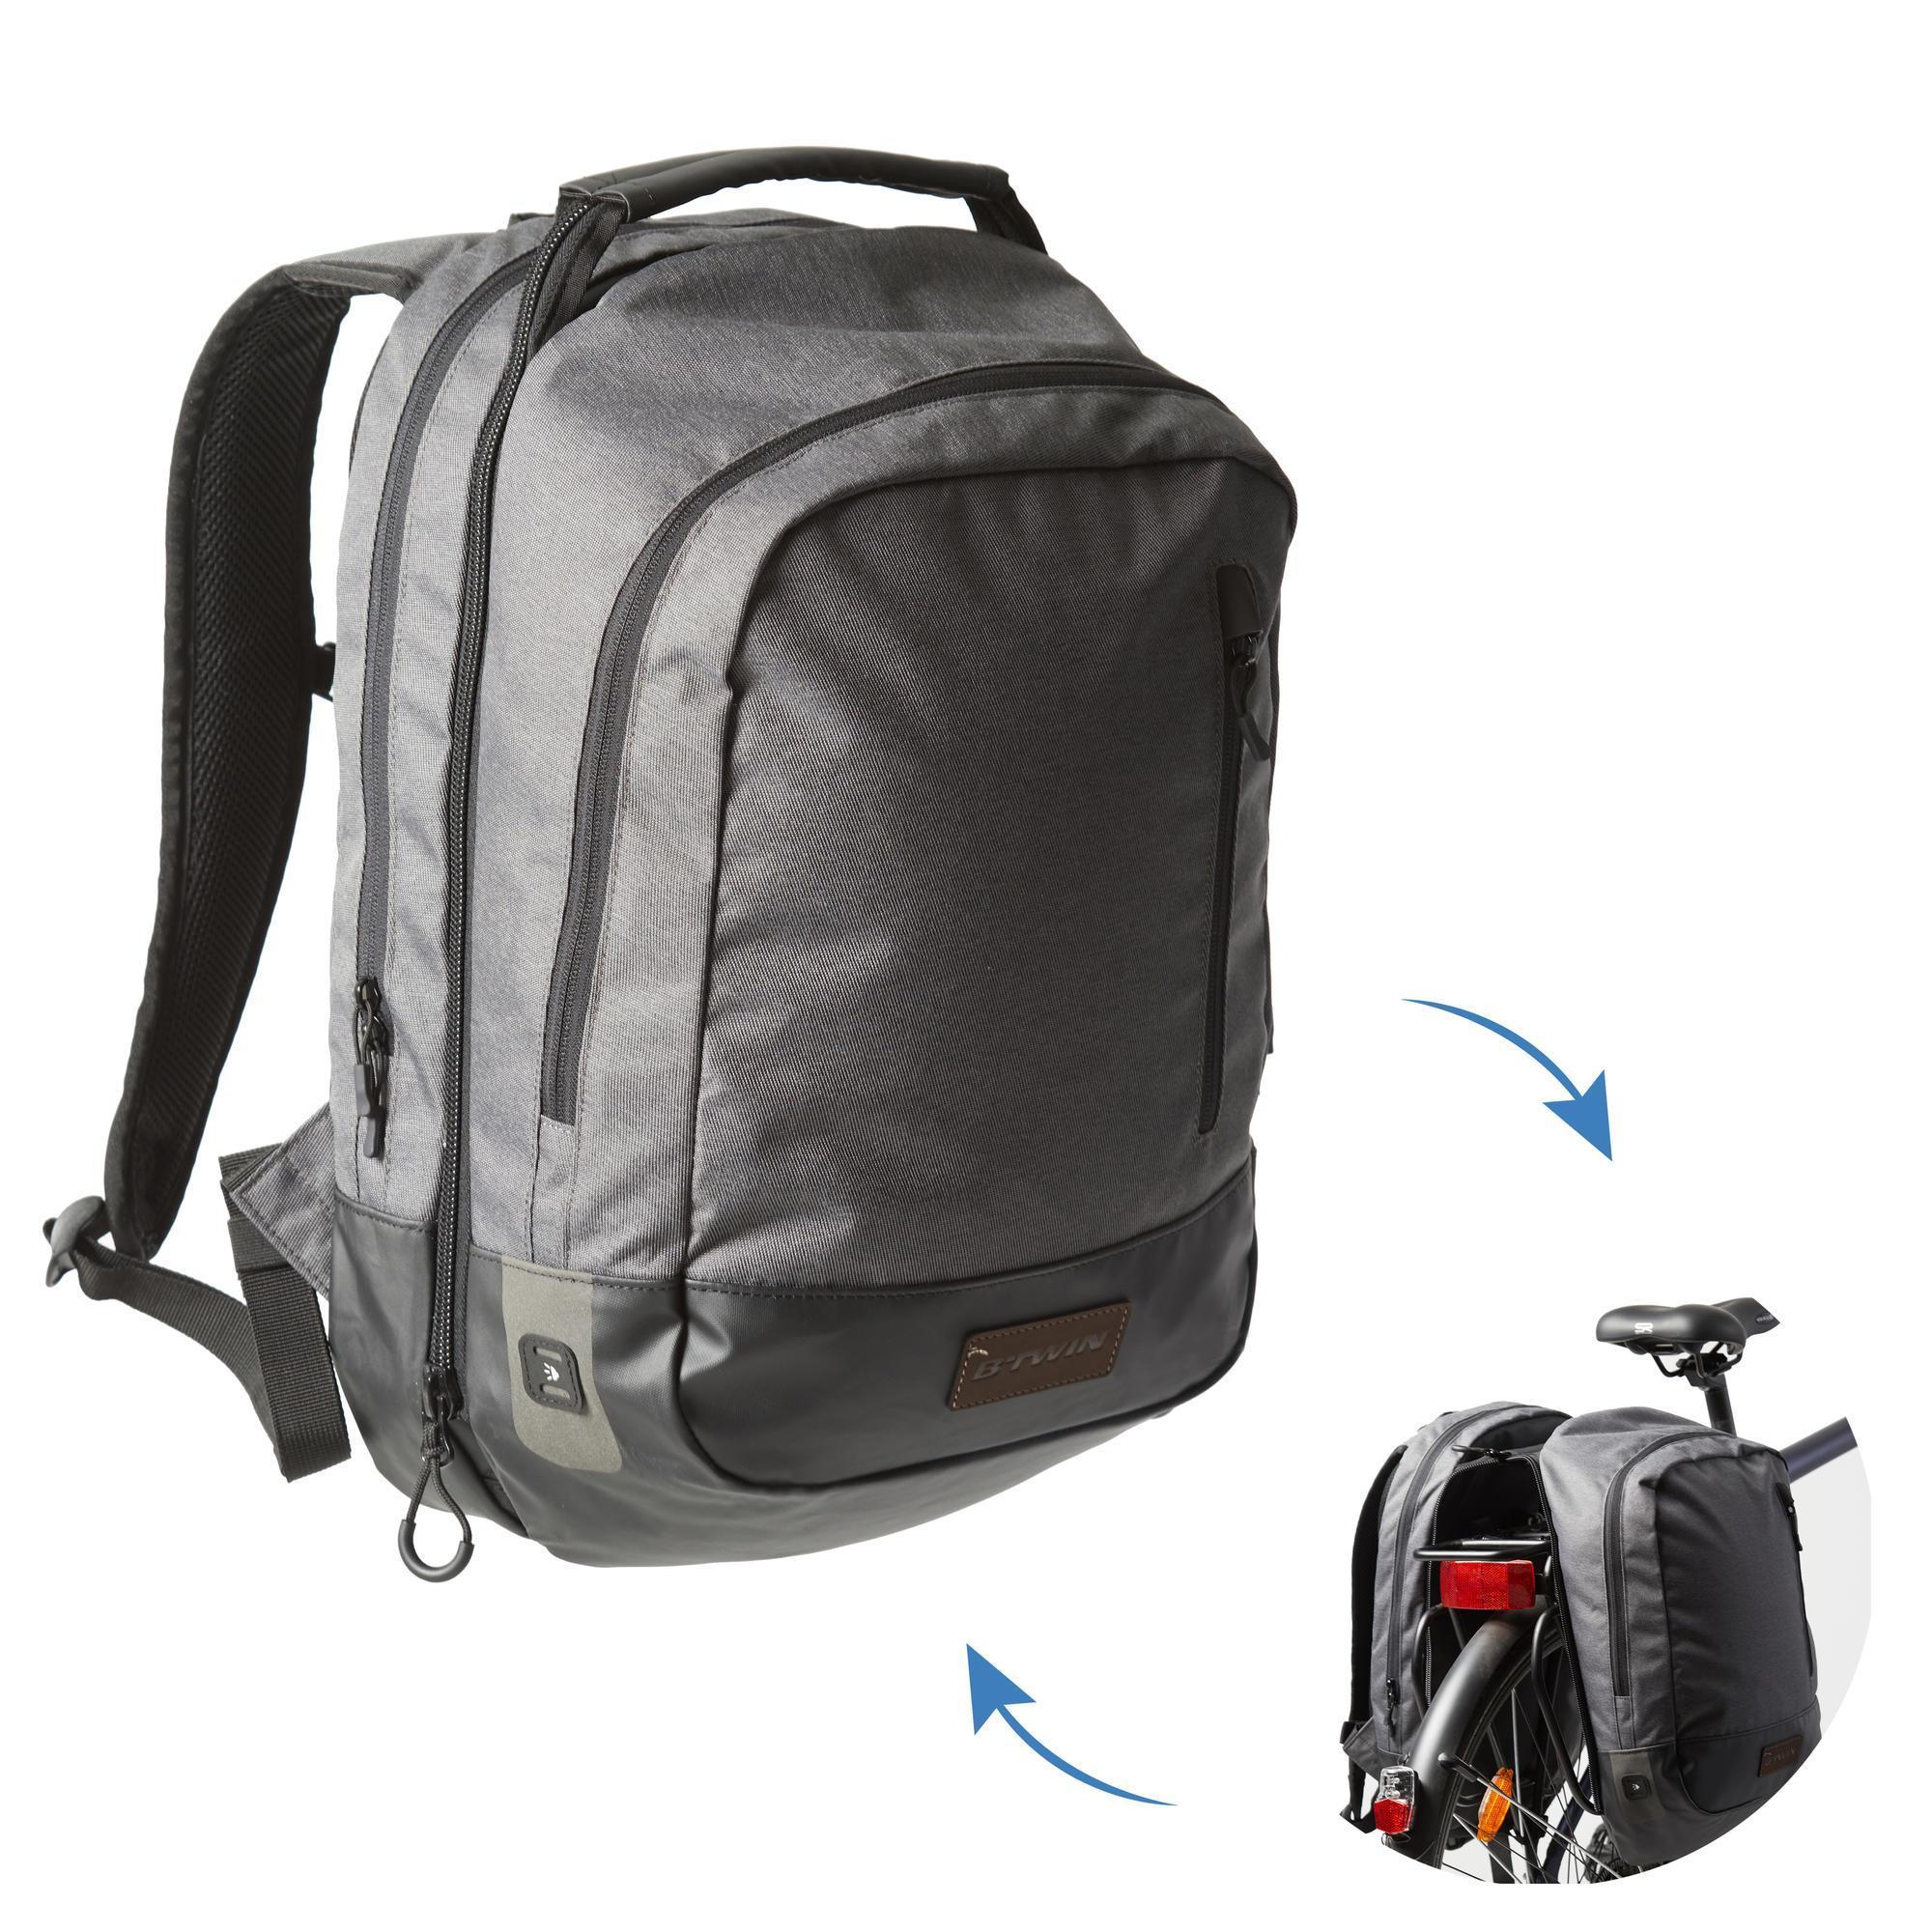 Fahrradtasche Gepäcktasche Rucksack 500 25 Liter grau/schwarz | Taschen > Businesstaschen > Fahrrad-taschen Büro | Elops